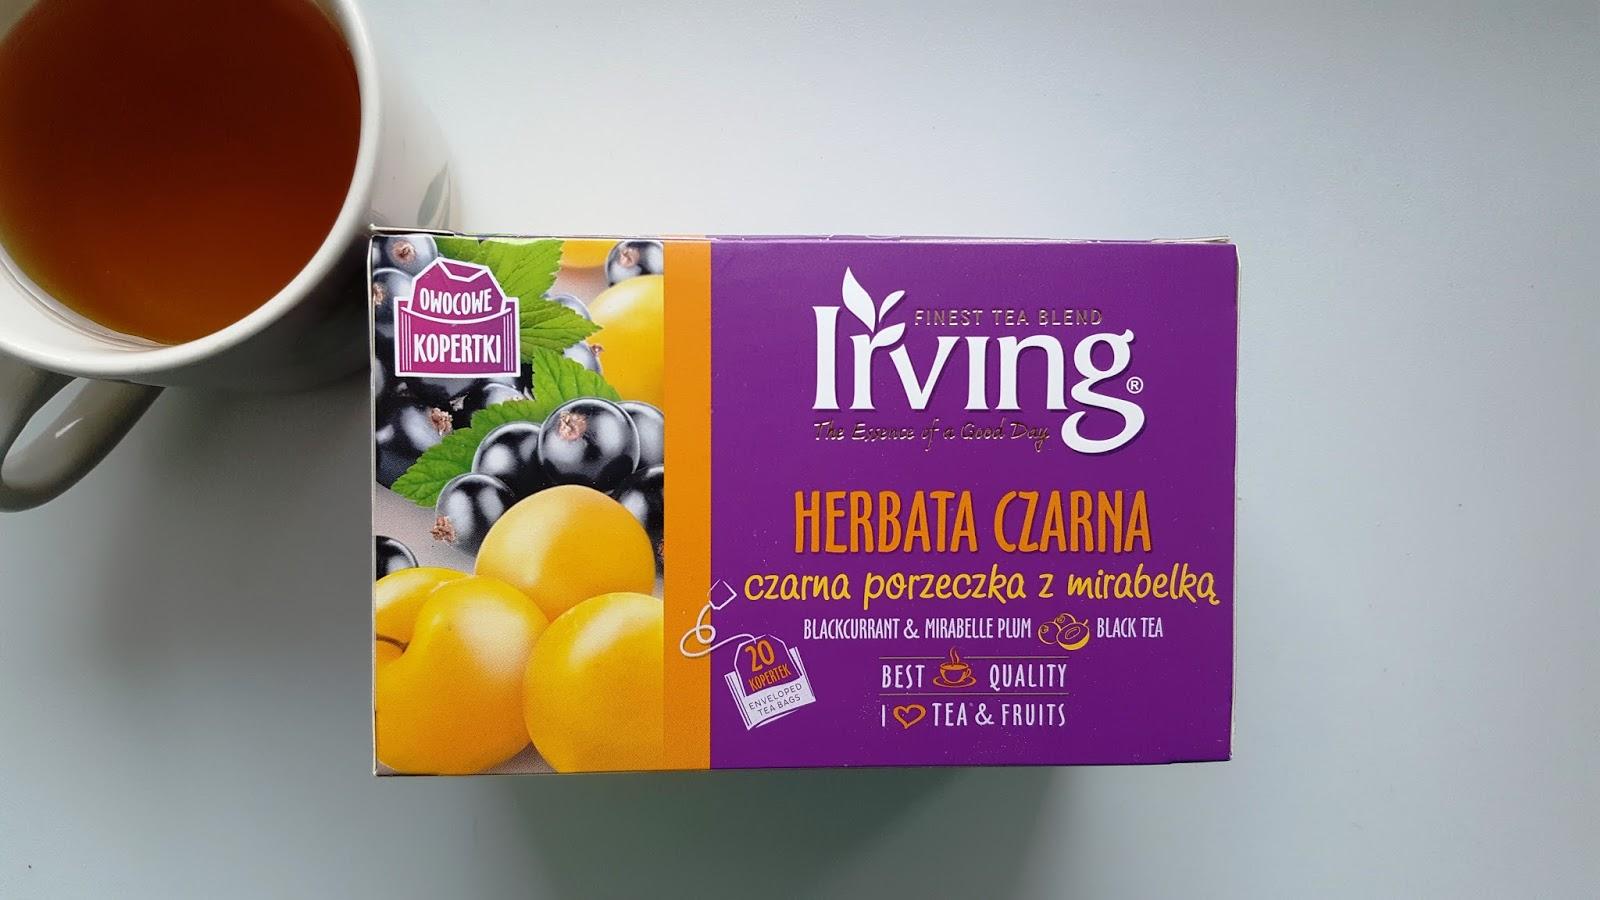 Herbata z czarna porzeczka i mirabelką